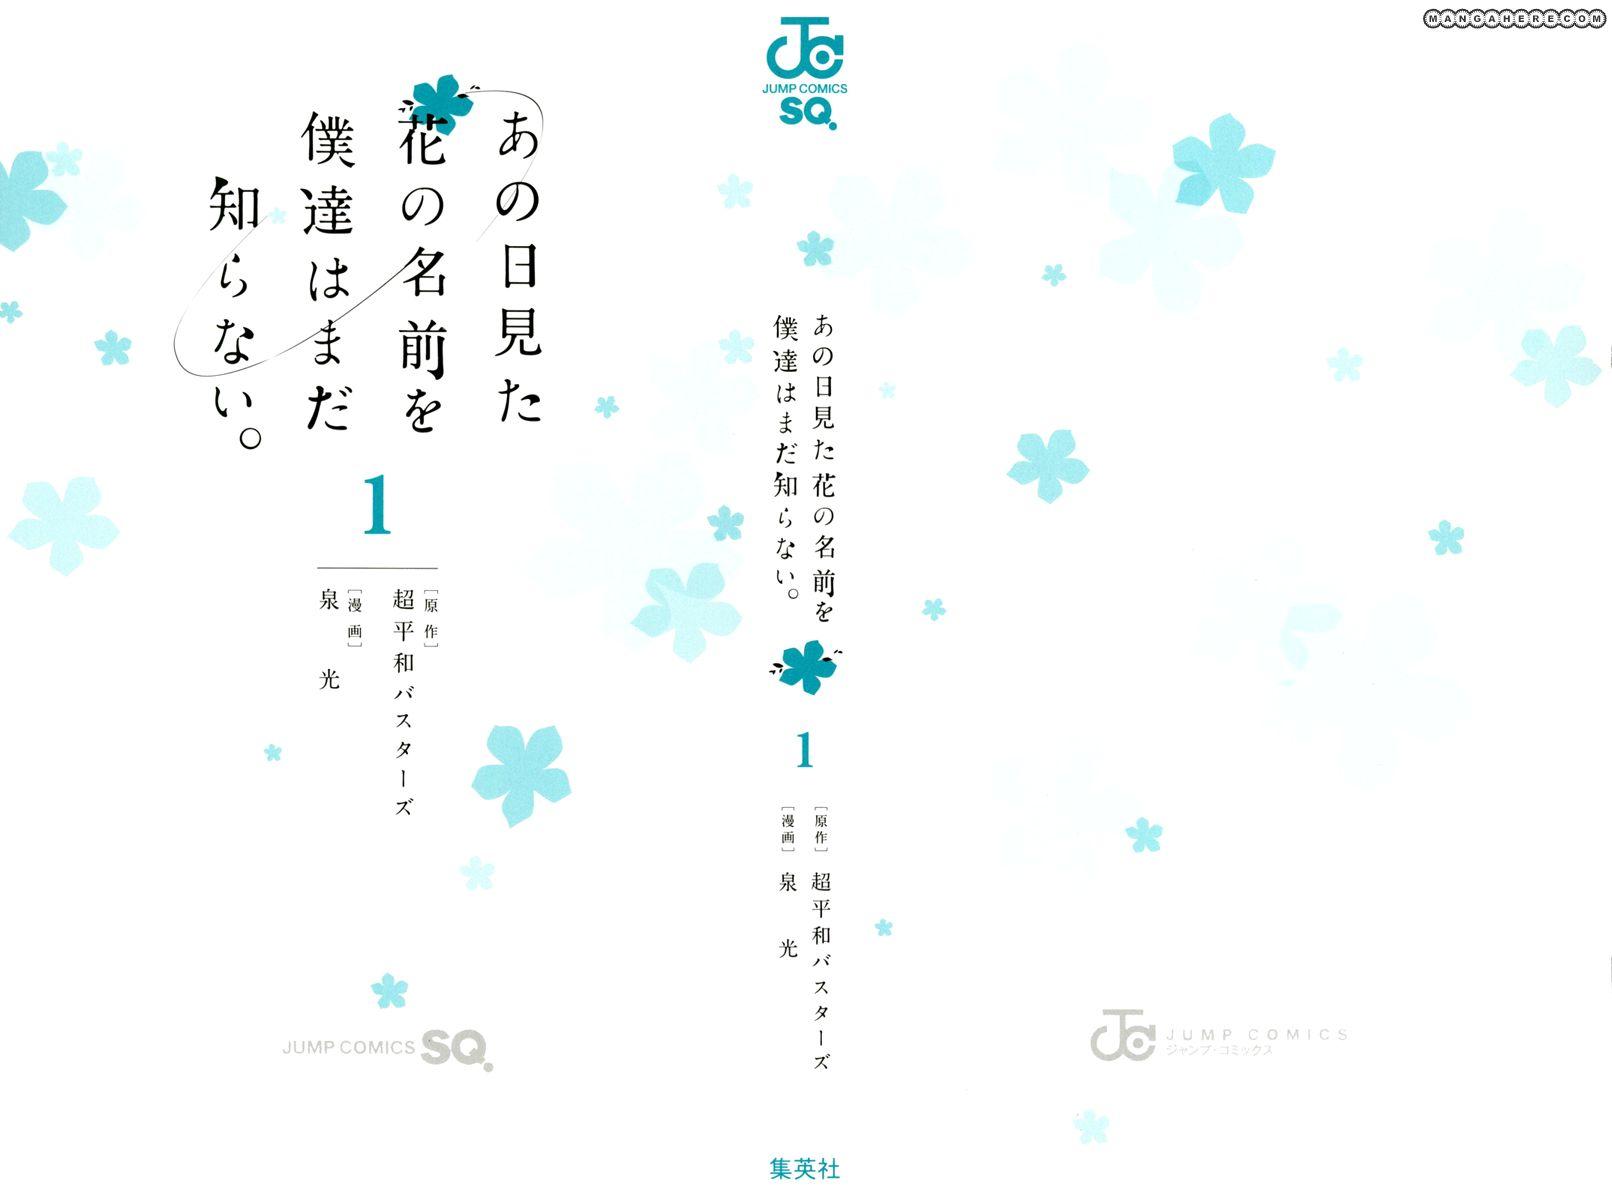 Ano Hi Mita Hana no Namae o Bokutachi wa Mada Shiranai 1 Page 3